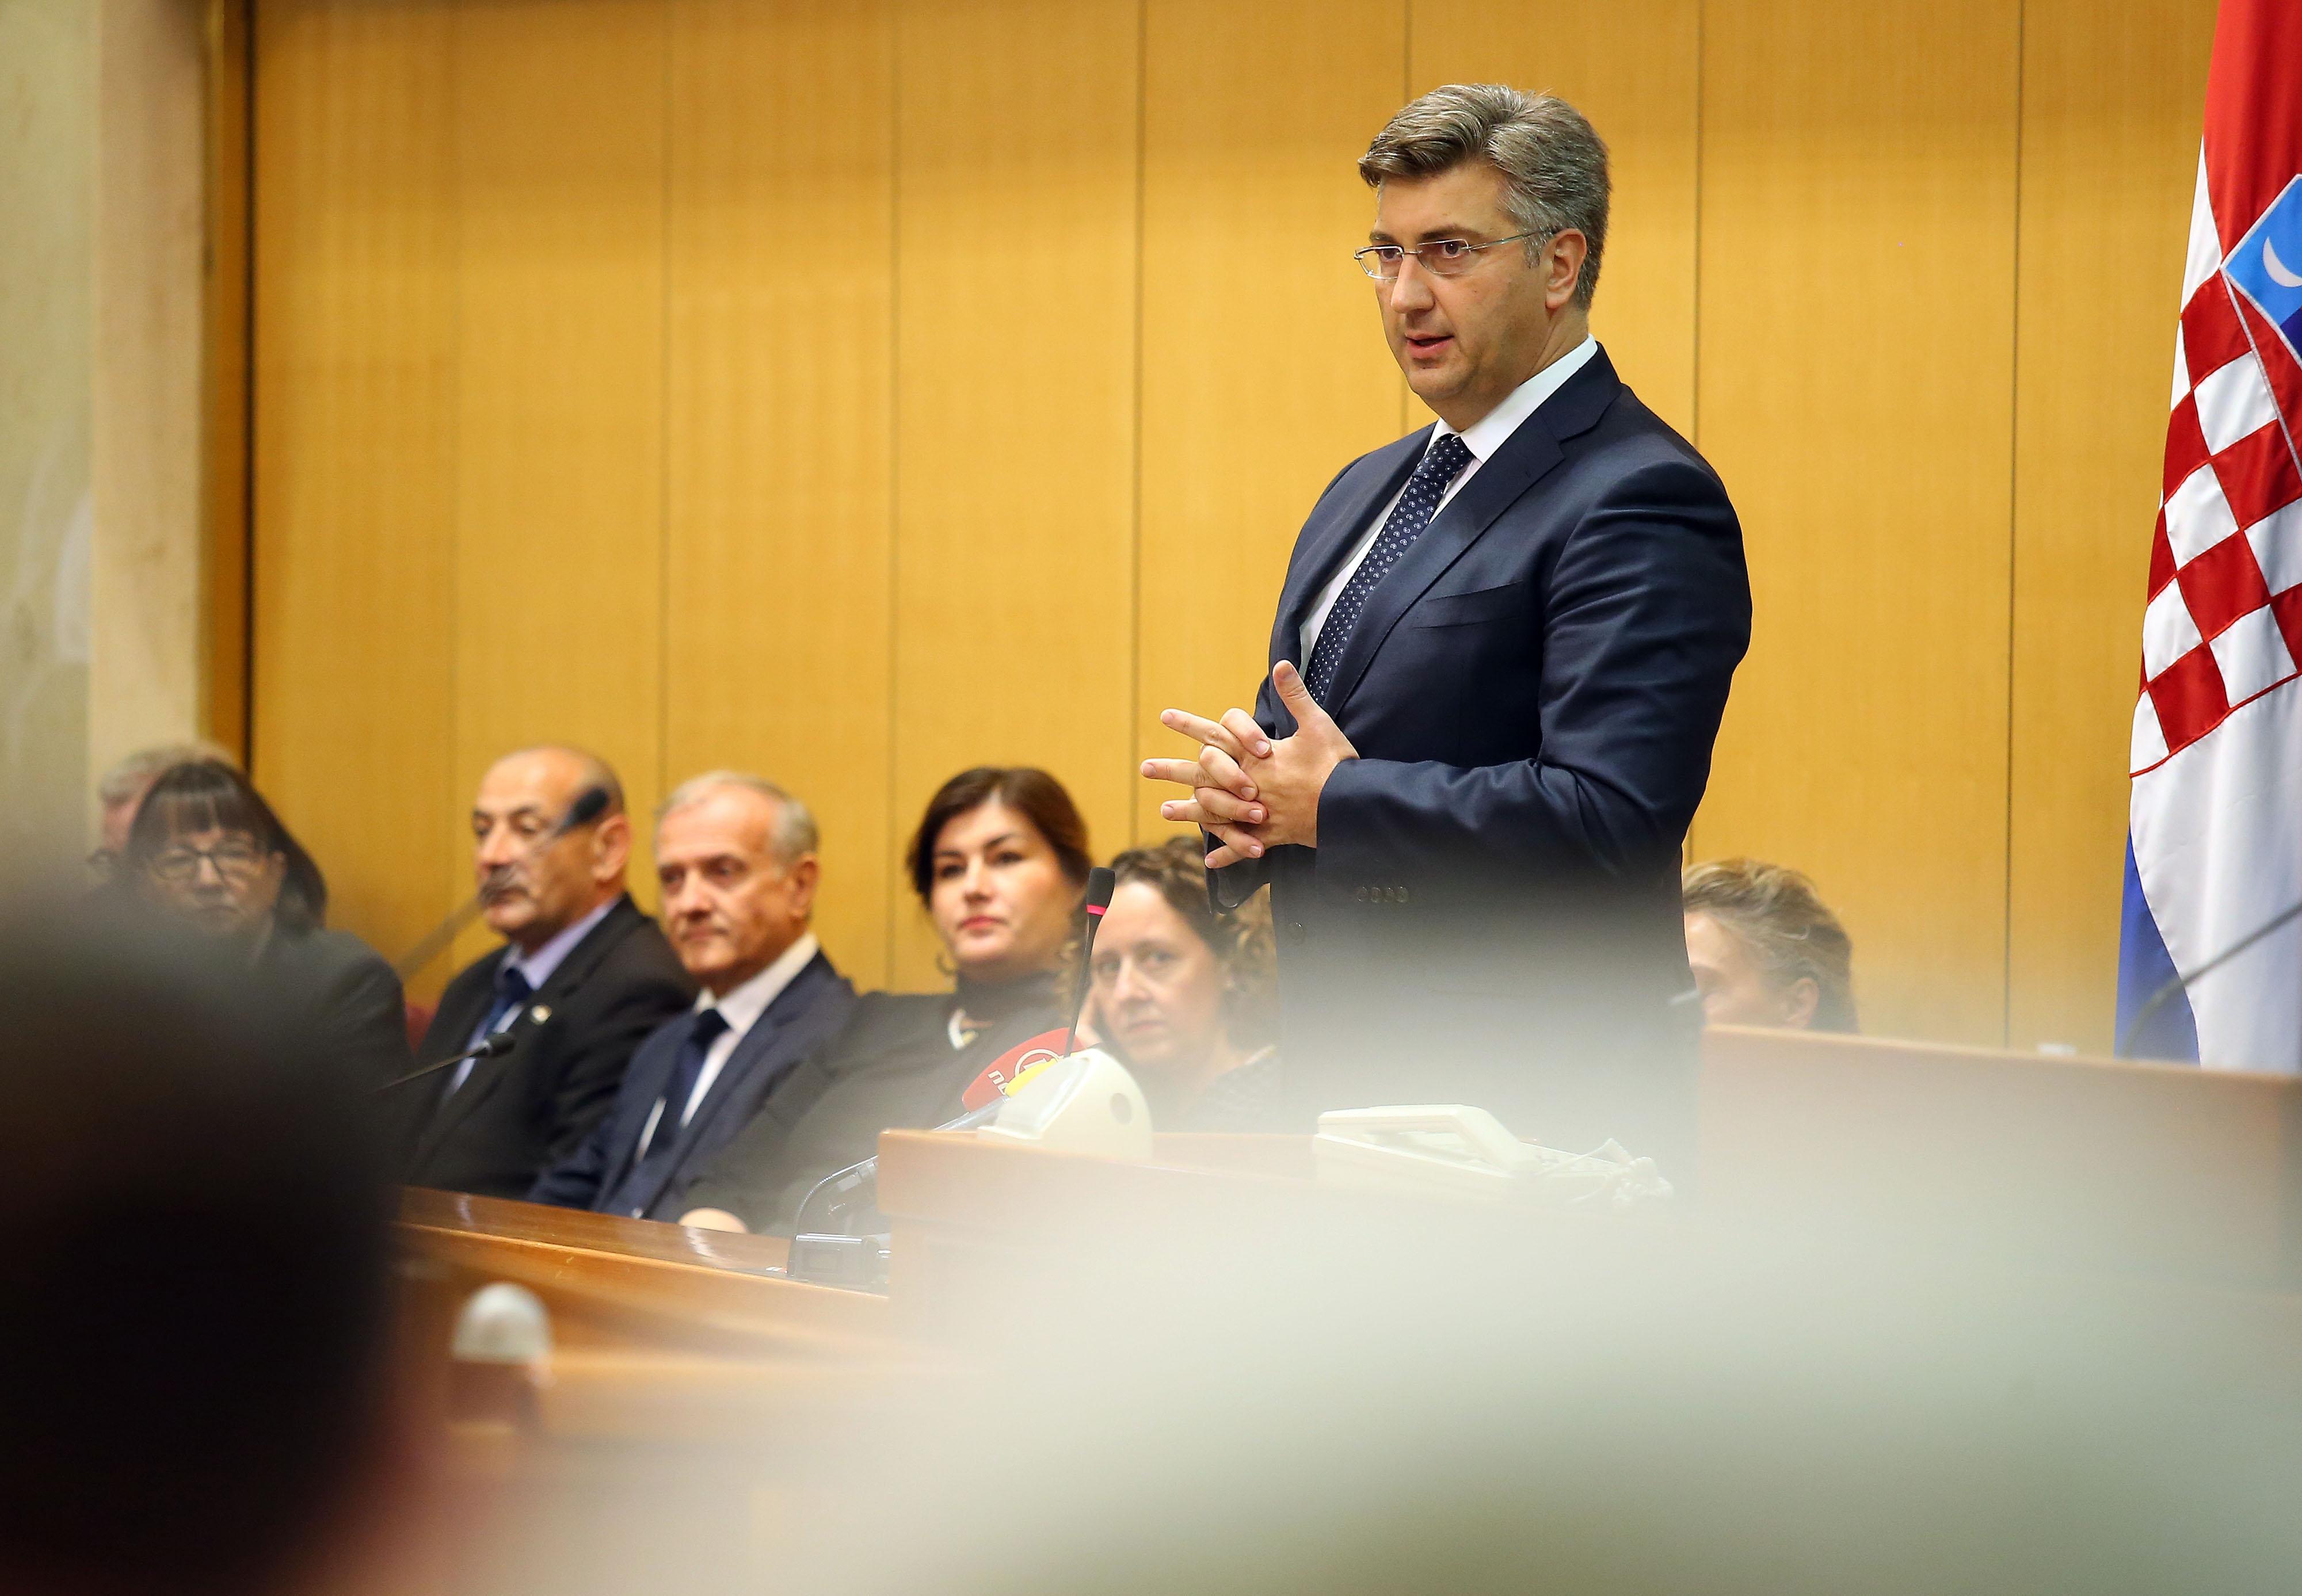 besplatna usluga upoznavanja s Ukrajinom